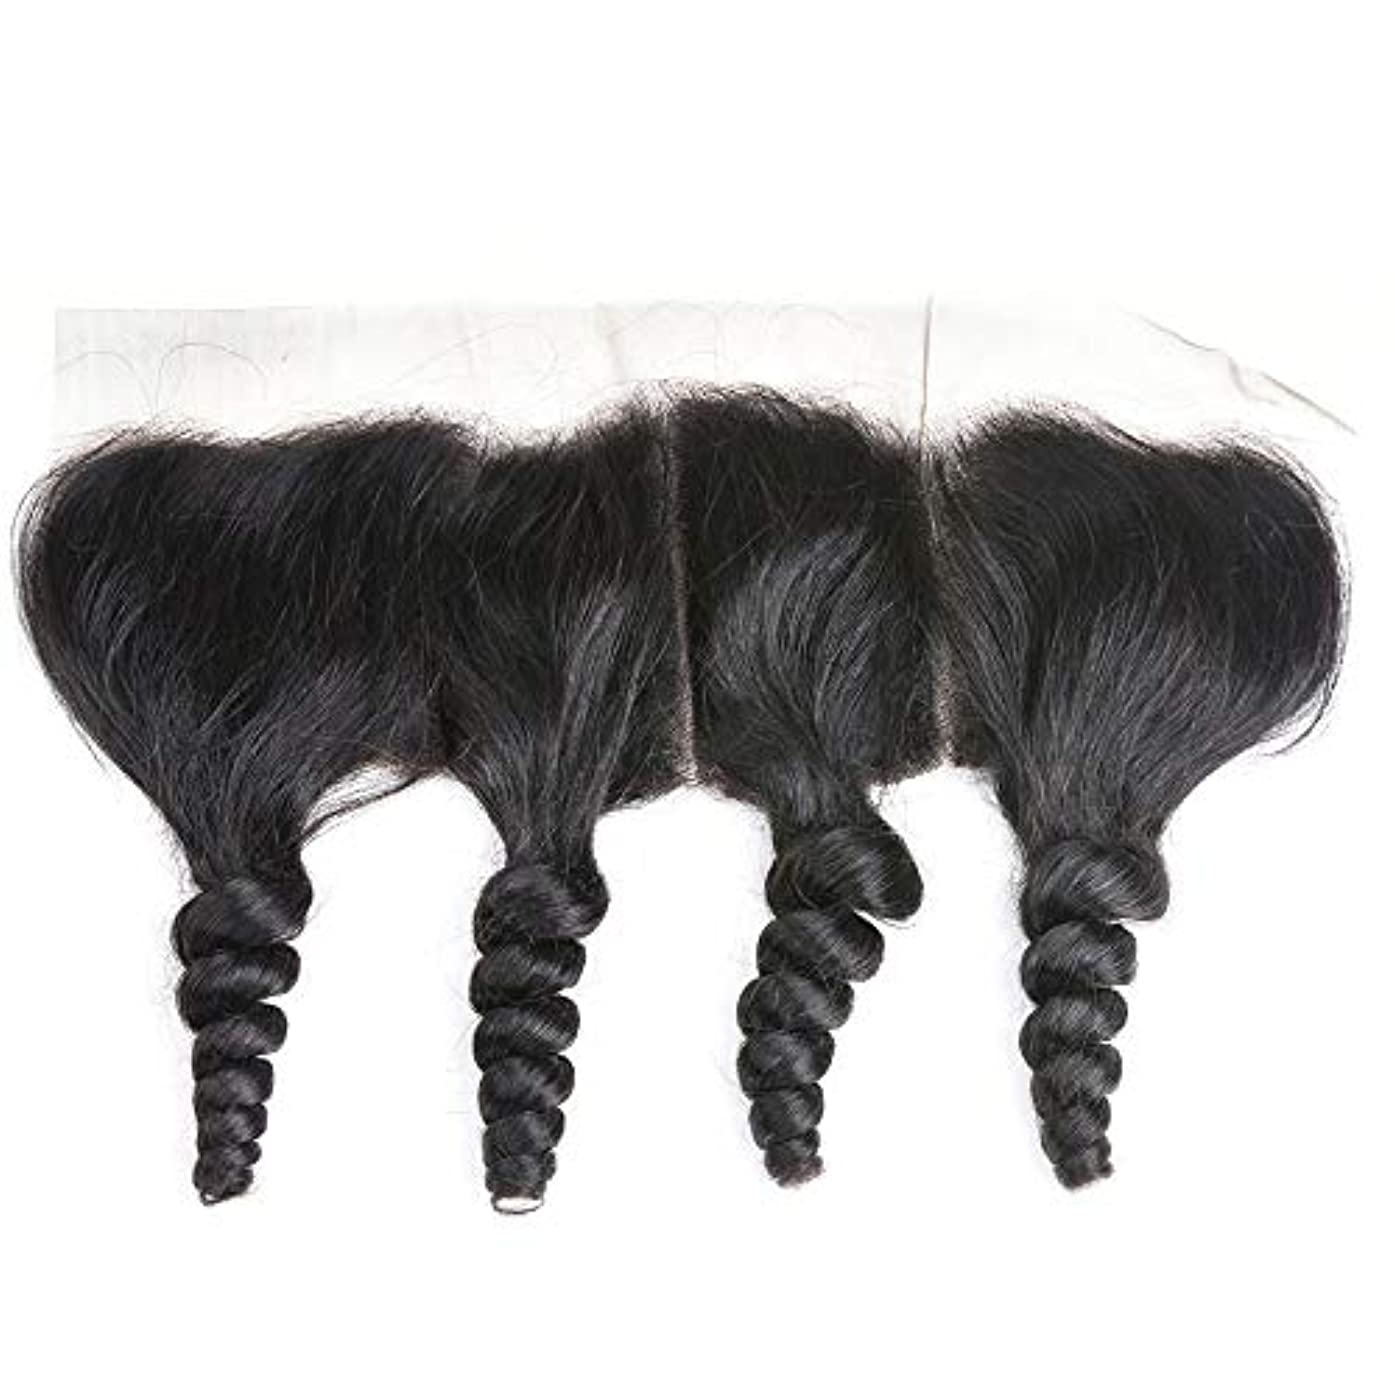 縞模様のを除くかけるWASAIO レース閉鎖緩い波ブラジルバージン人間の髪の毛の自然な色 (サイズ : 16 inch)